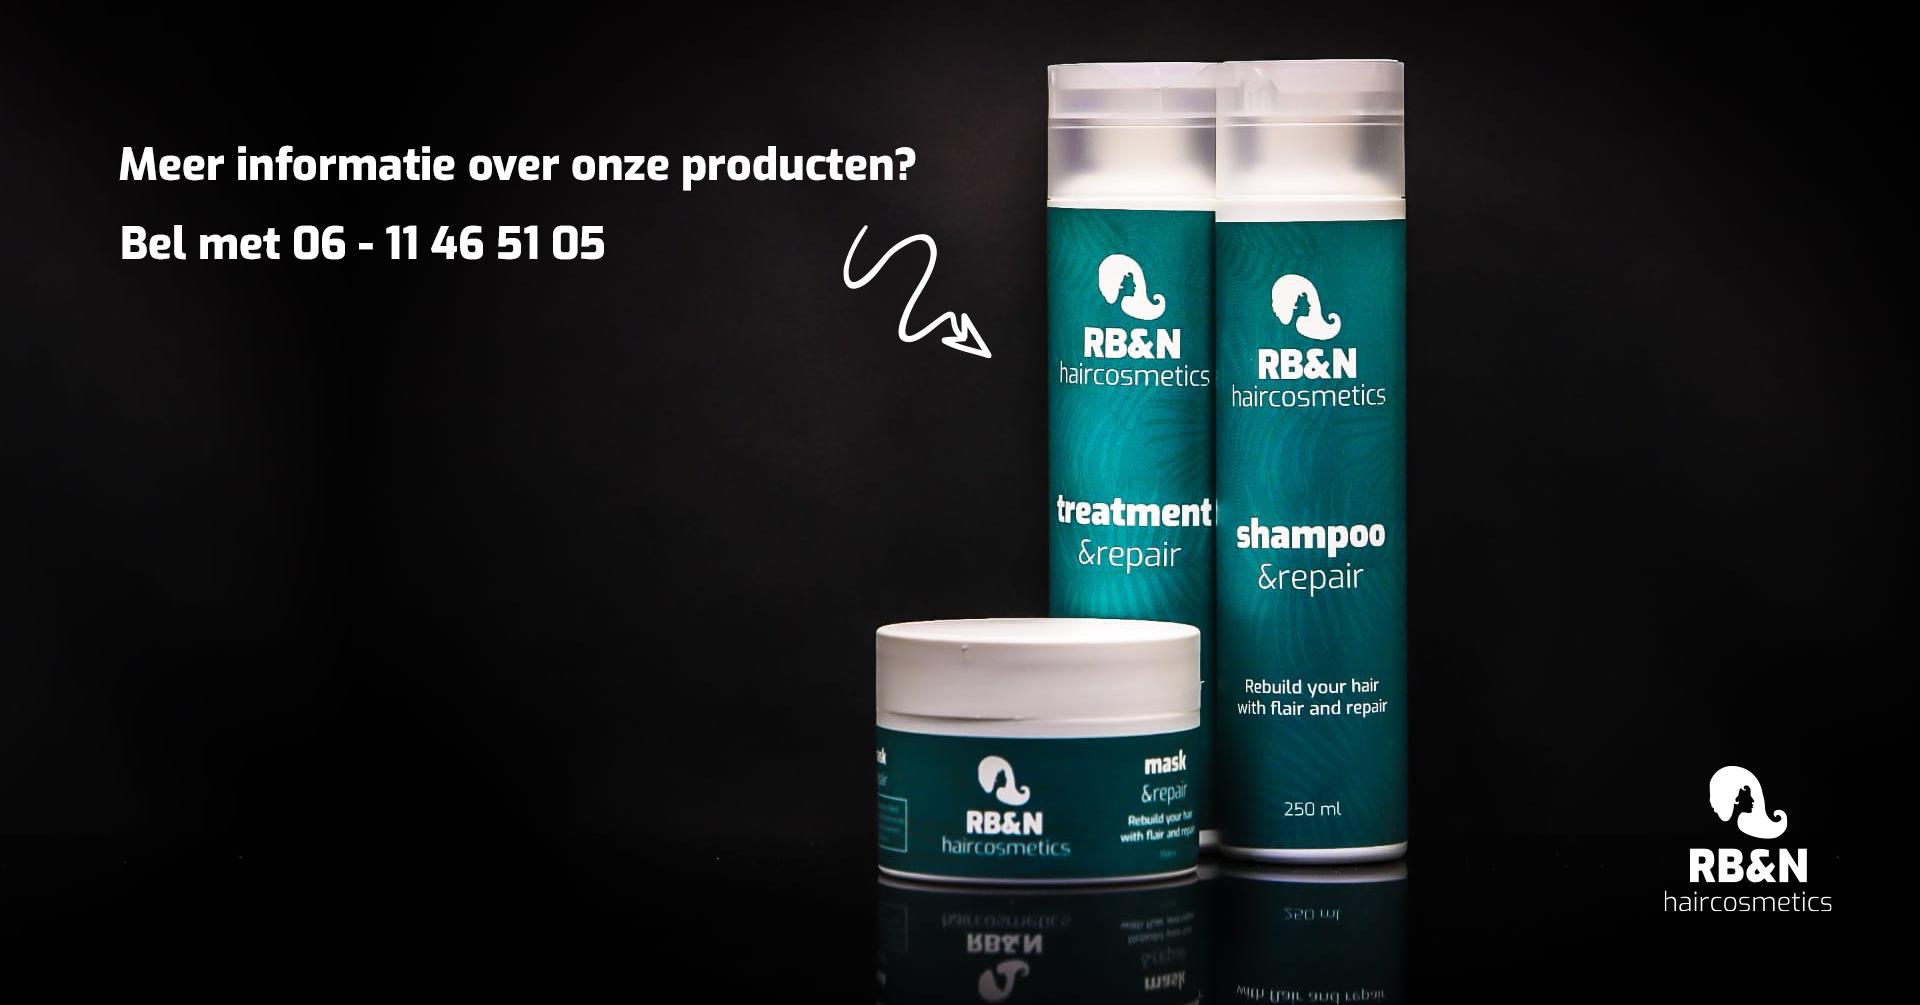 RB&N Haircosmetics producten zijn nu verkrijgbaar!